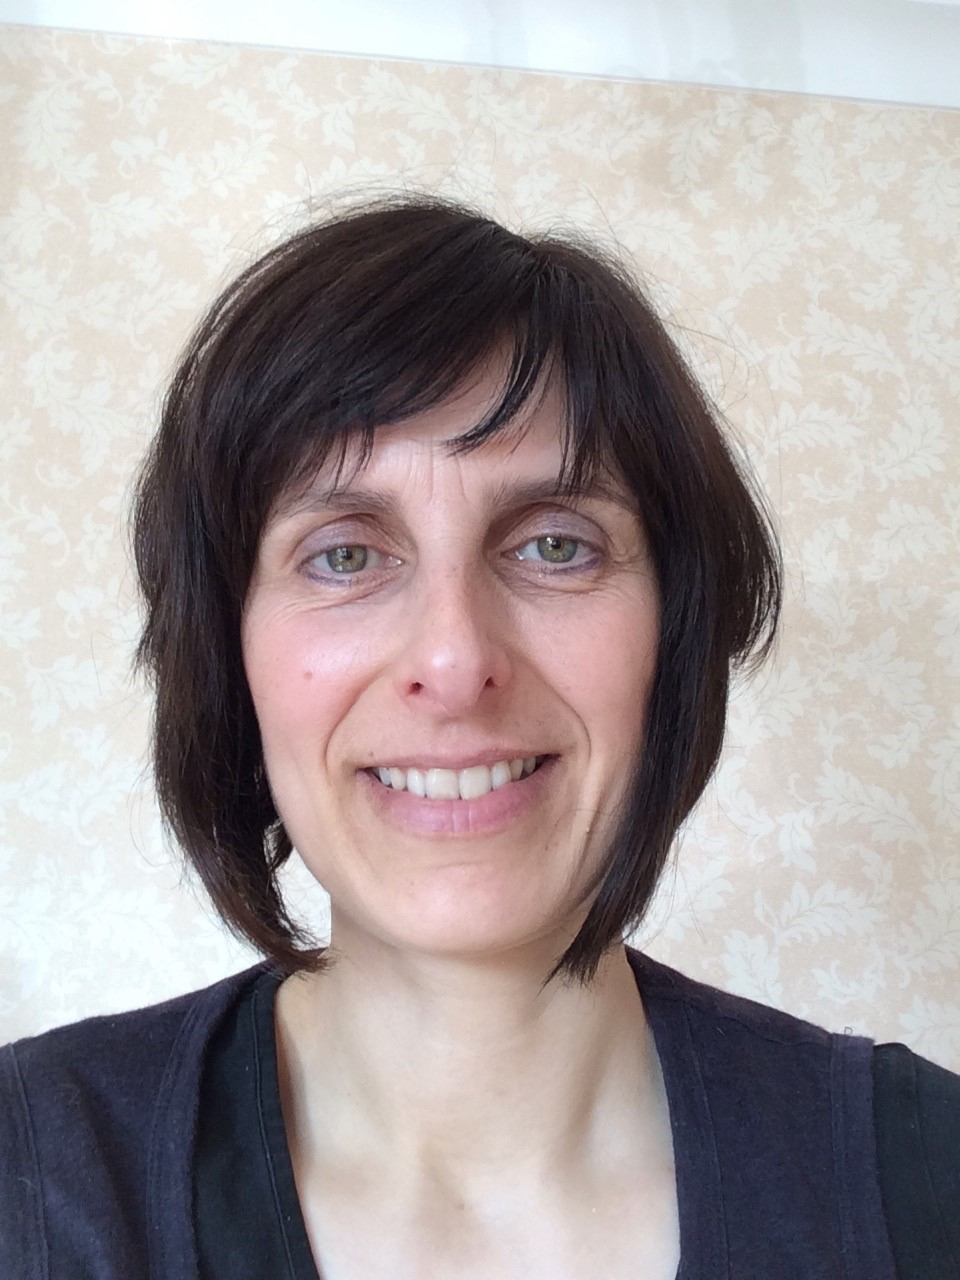 Sonja Beacham